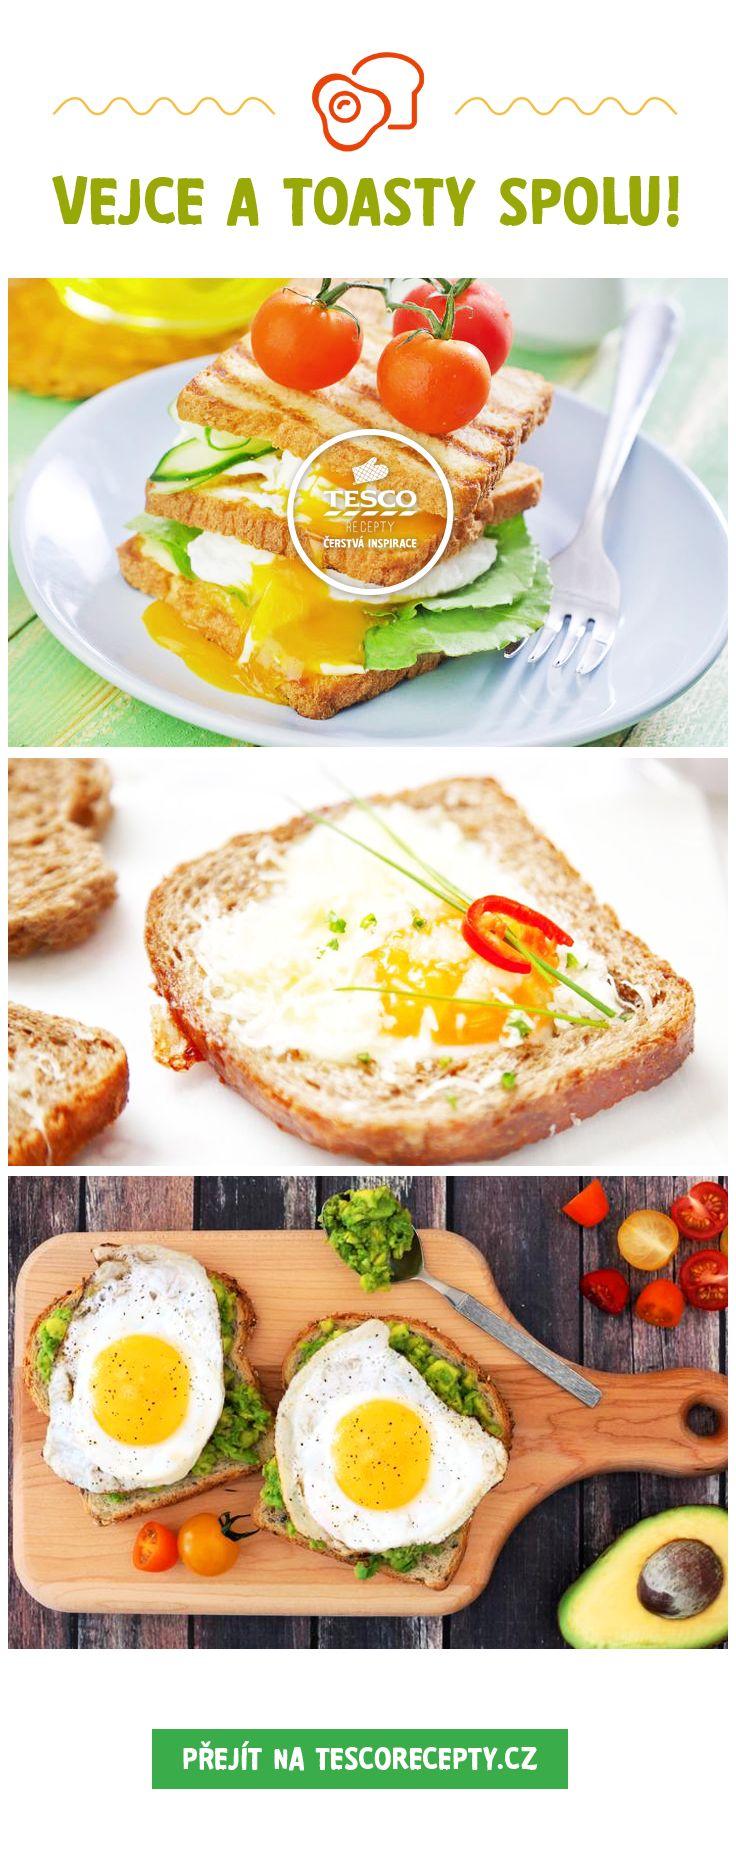 Připravte si k snídani vejce s toasty!